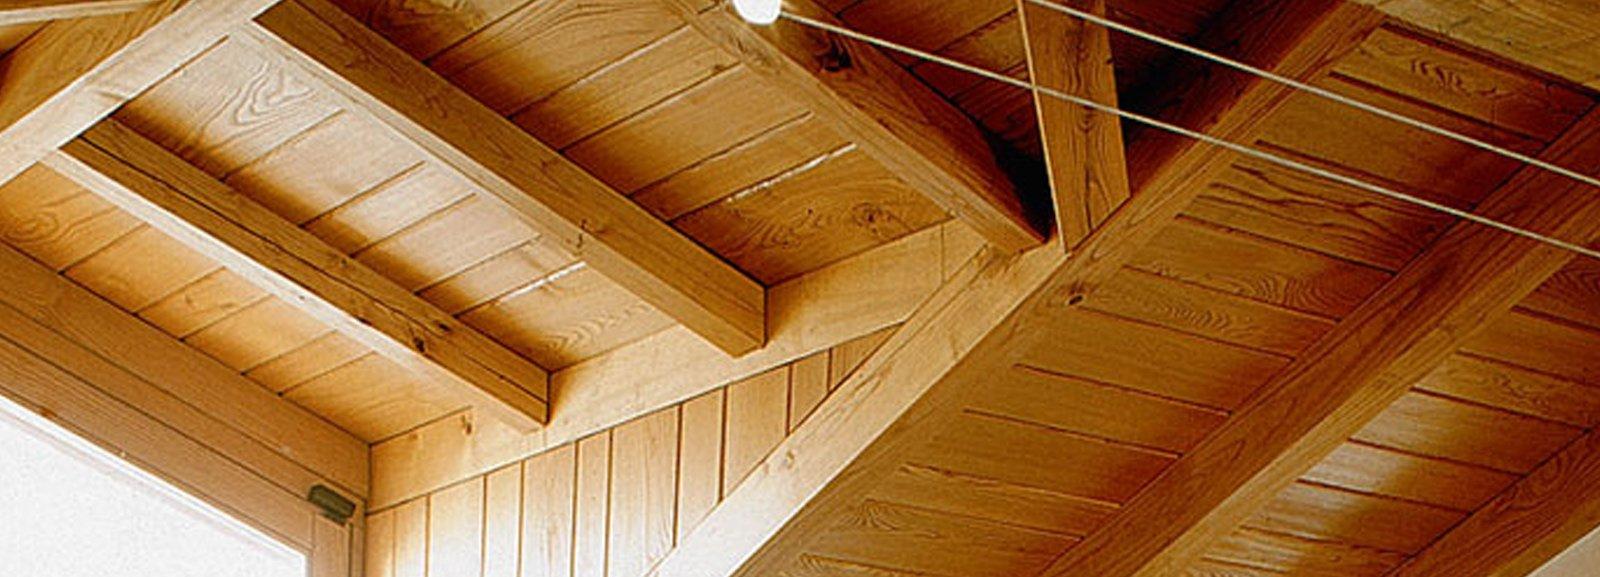 Tetto ventilato isolato per il giusto microclima indoor - Illuminazione sottotetto legno ...